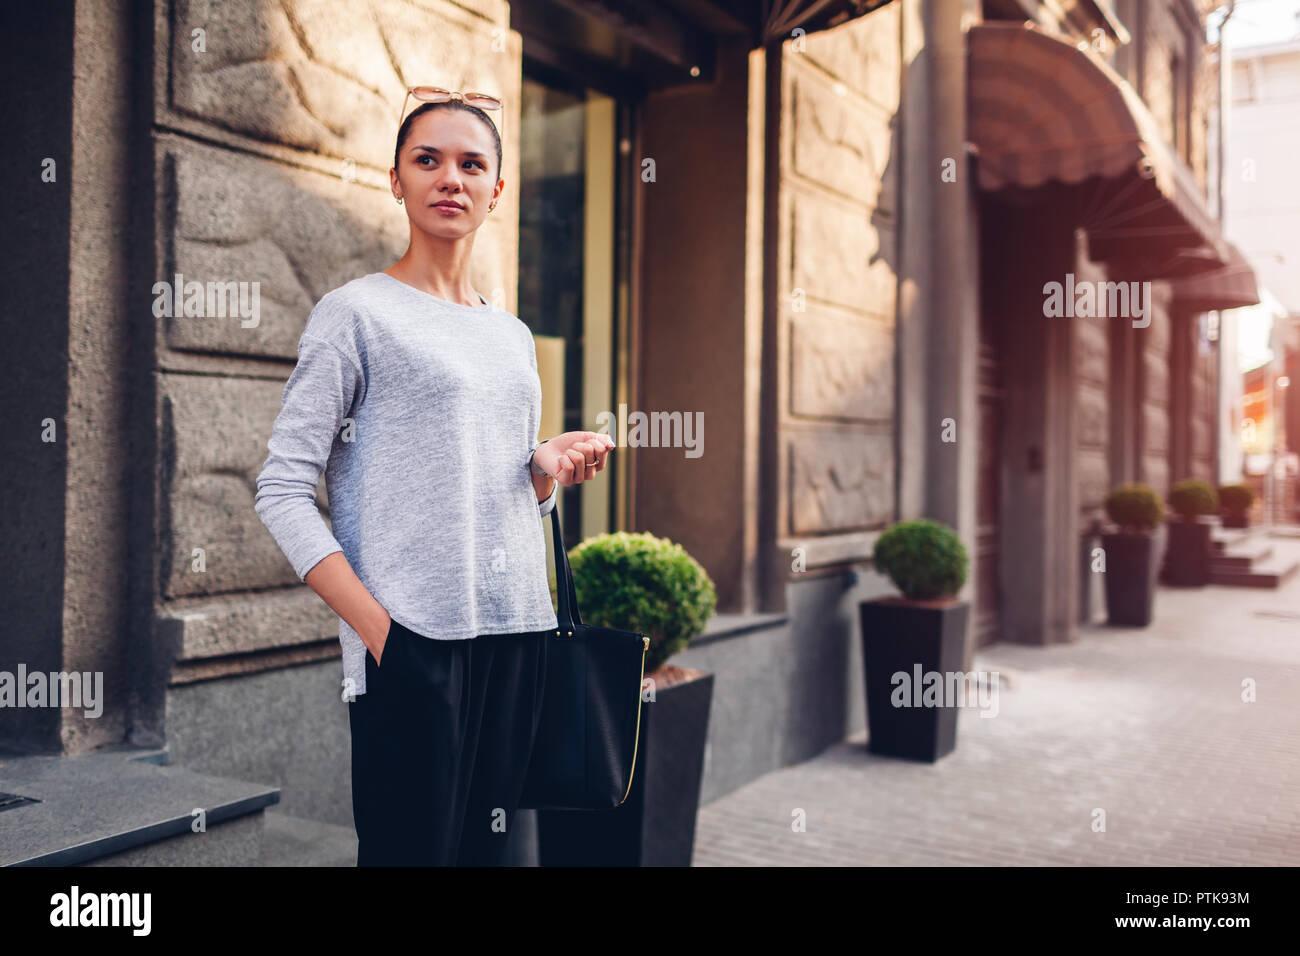 49cd53608e1b Giovane donna camminando sulla strada della citta . Ragazza indossando  abiti eleganti e accessori Immagini